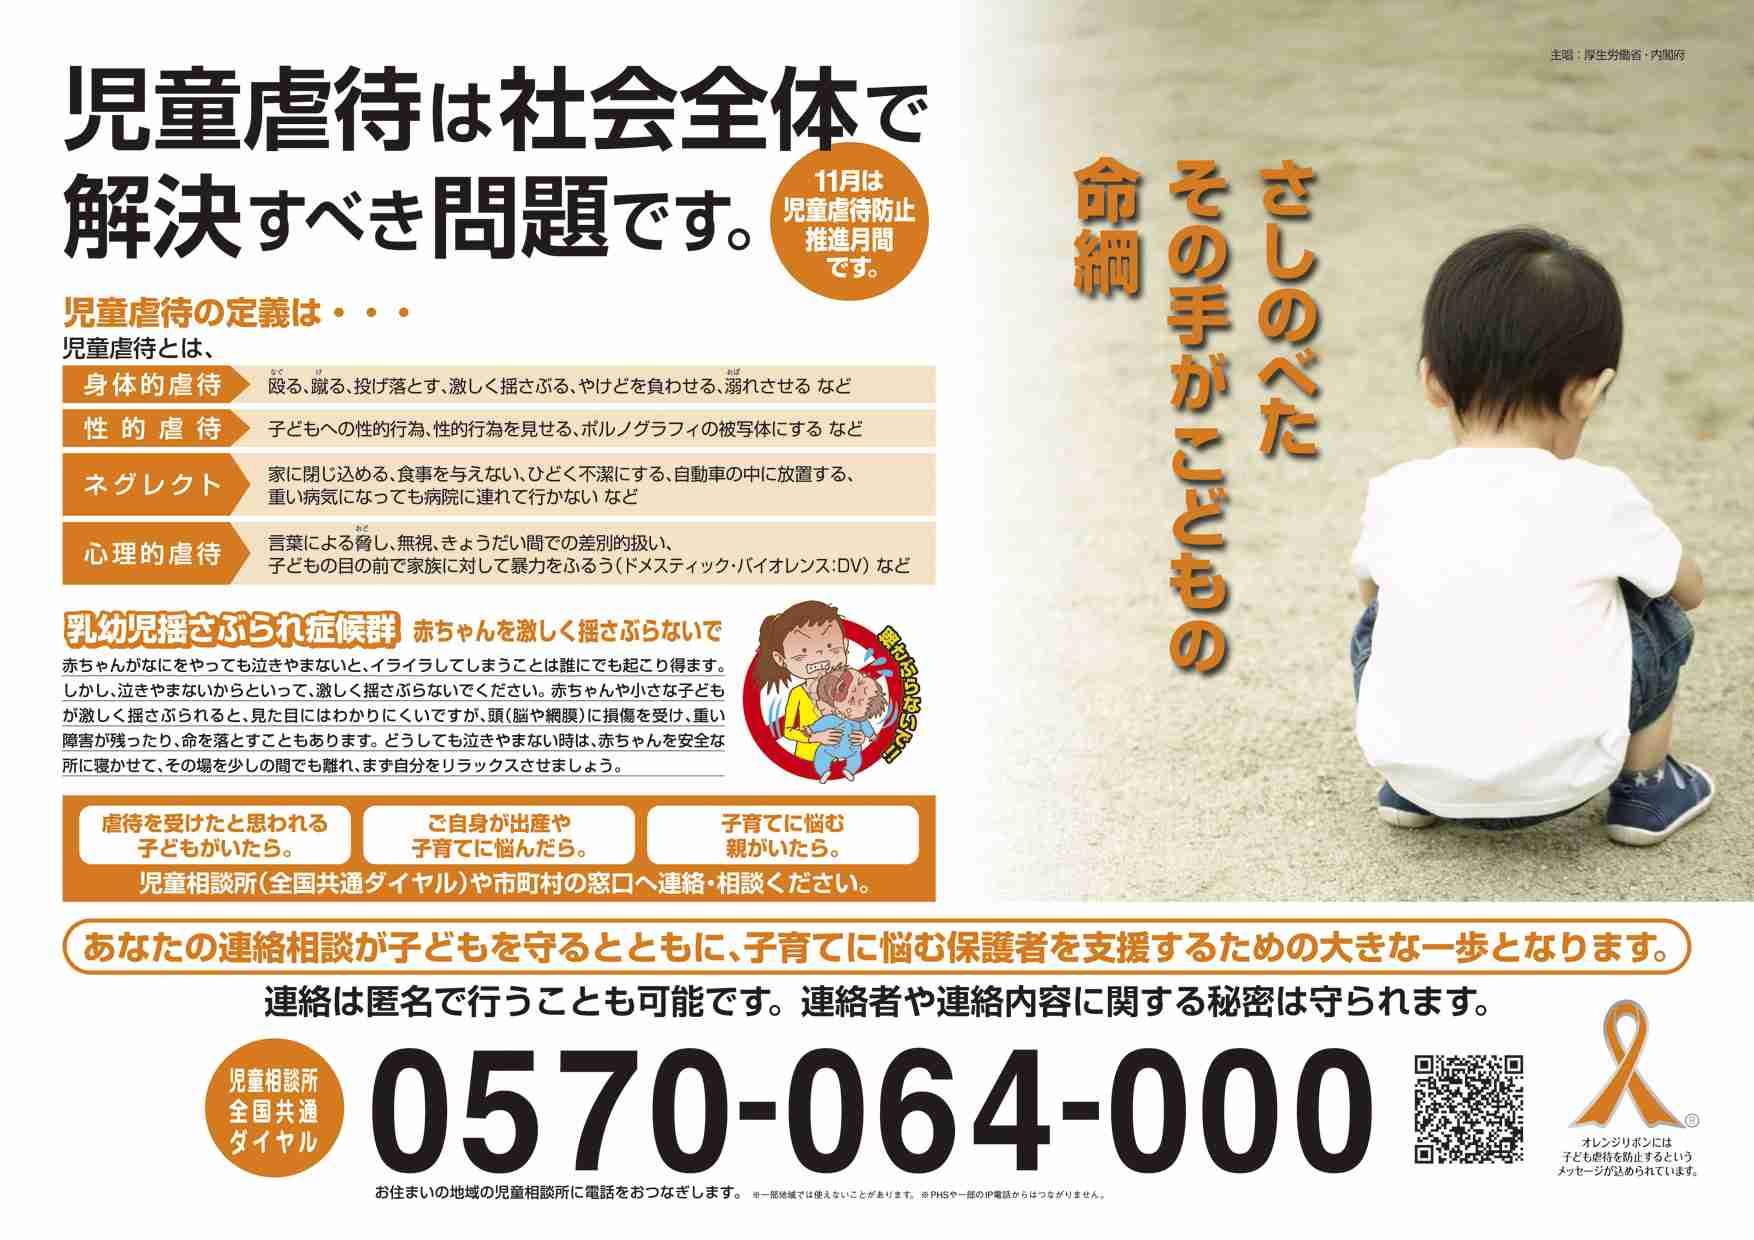 【埼玉】「子供を殺して俺も死ぬ」 0歳長男を浴槽に沈める…24歳父親を逮捕